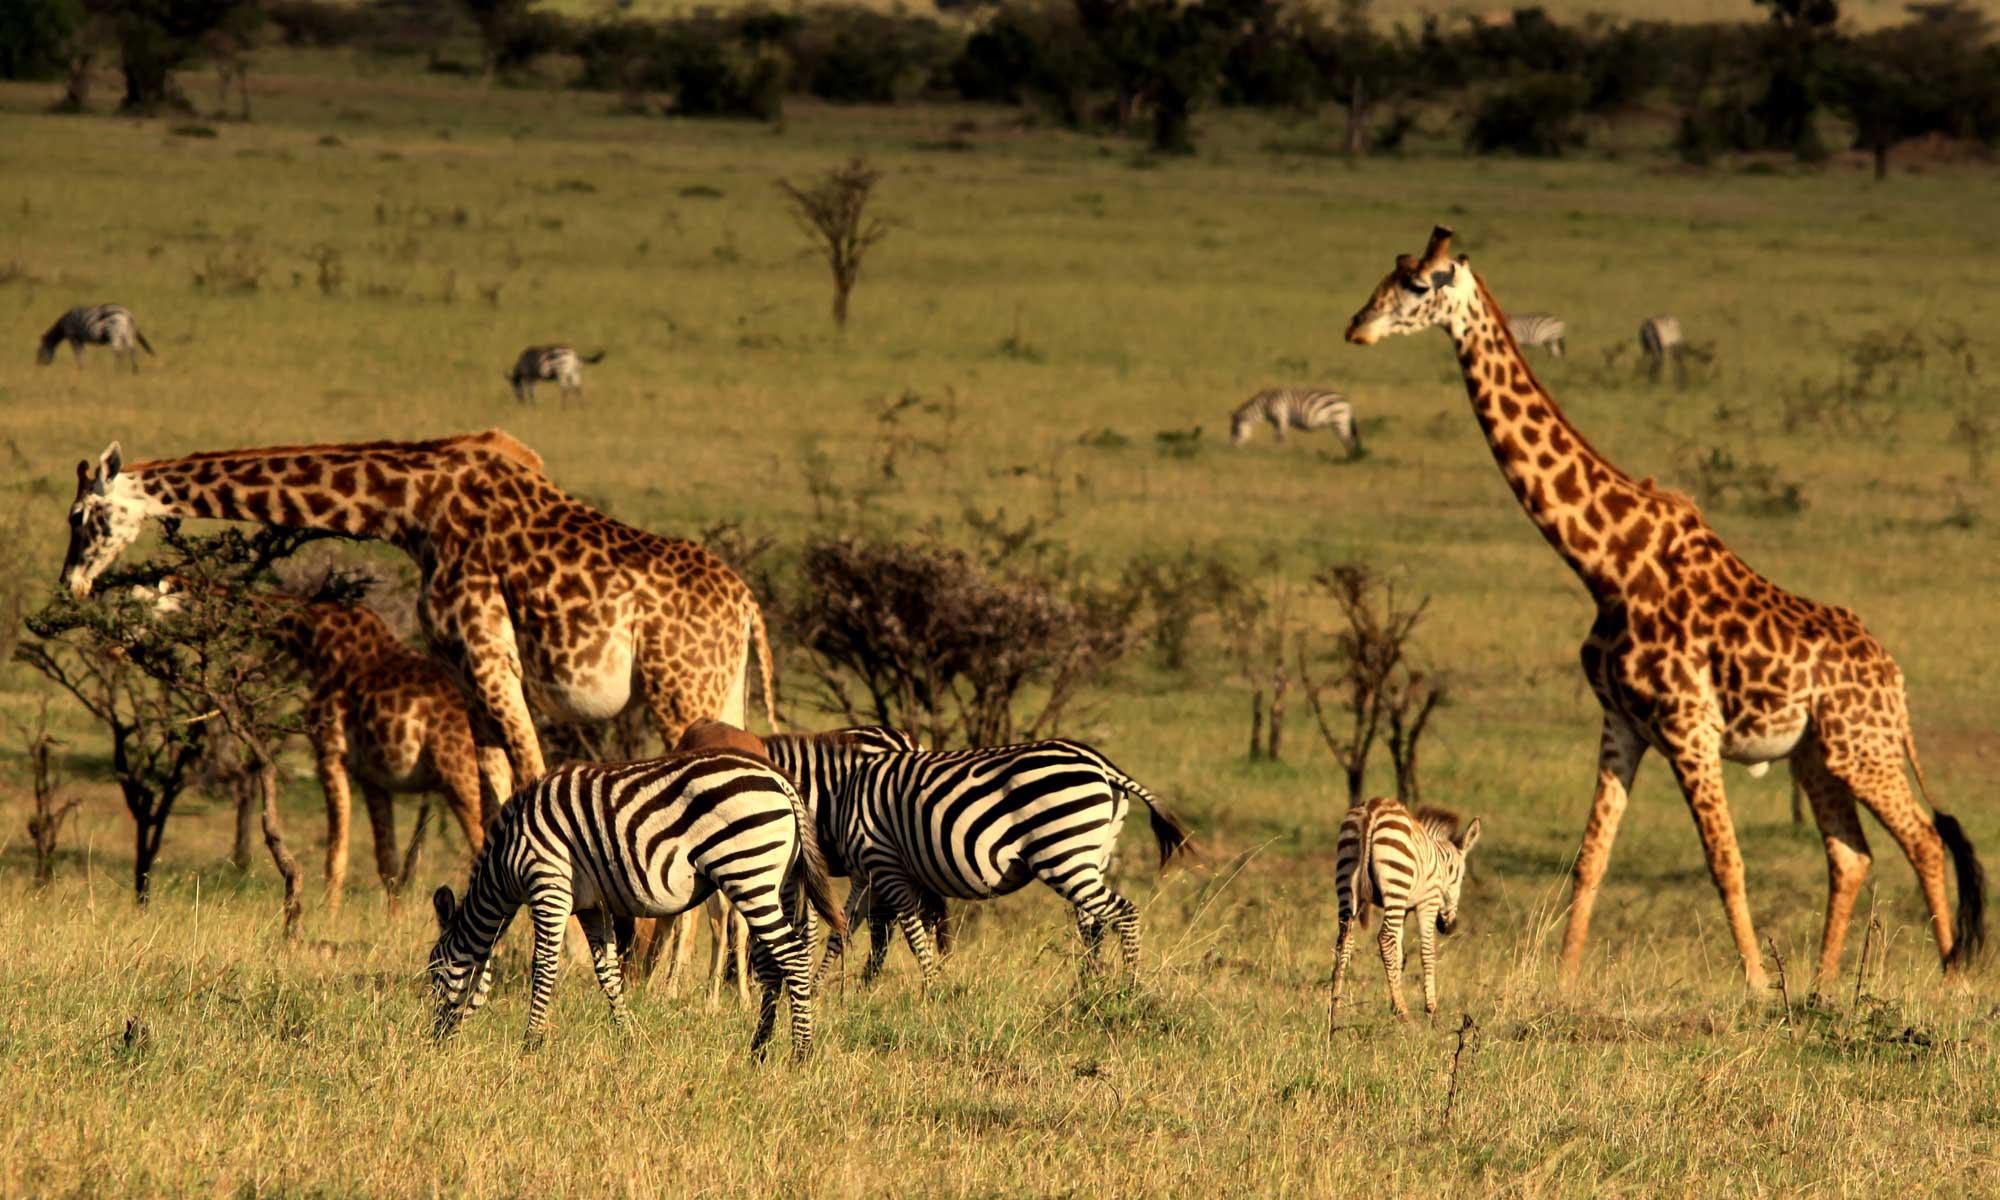 Masai_Mara_Game_Reserve_10